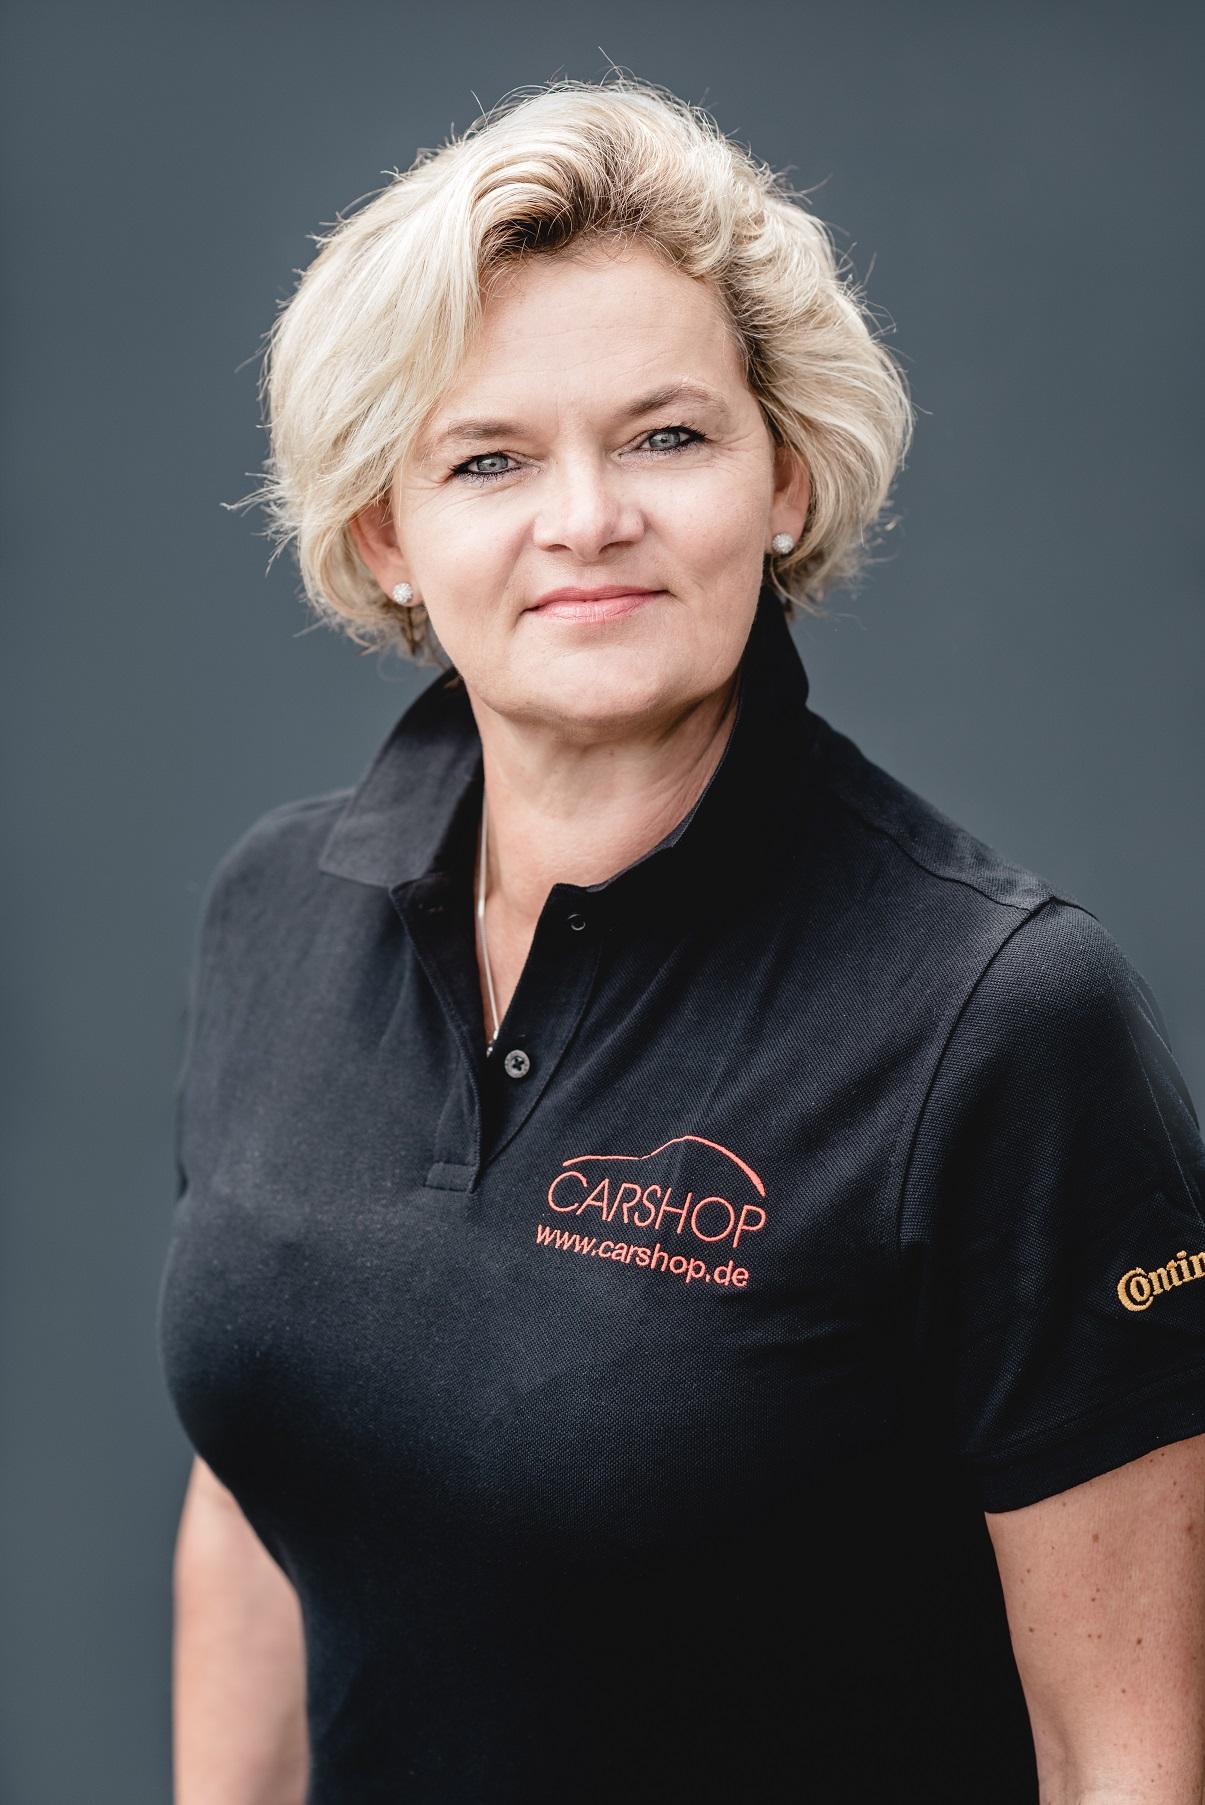 Christina Leube